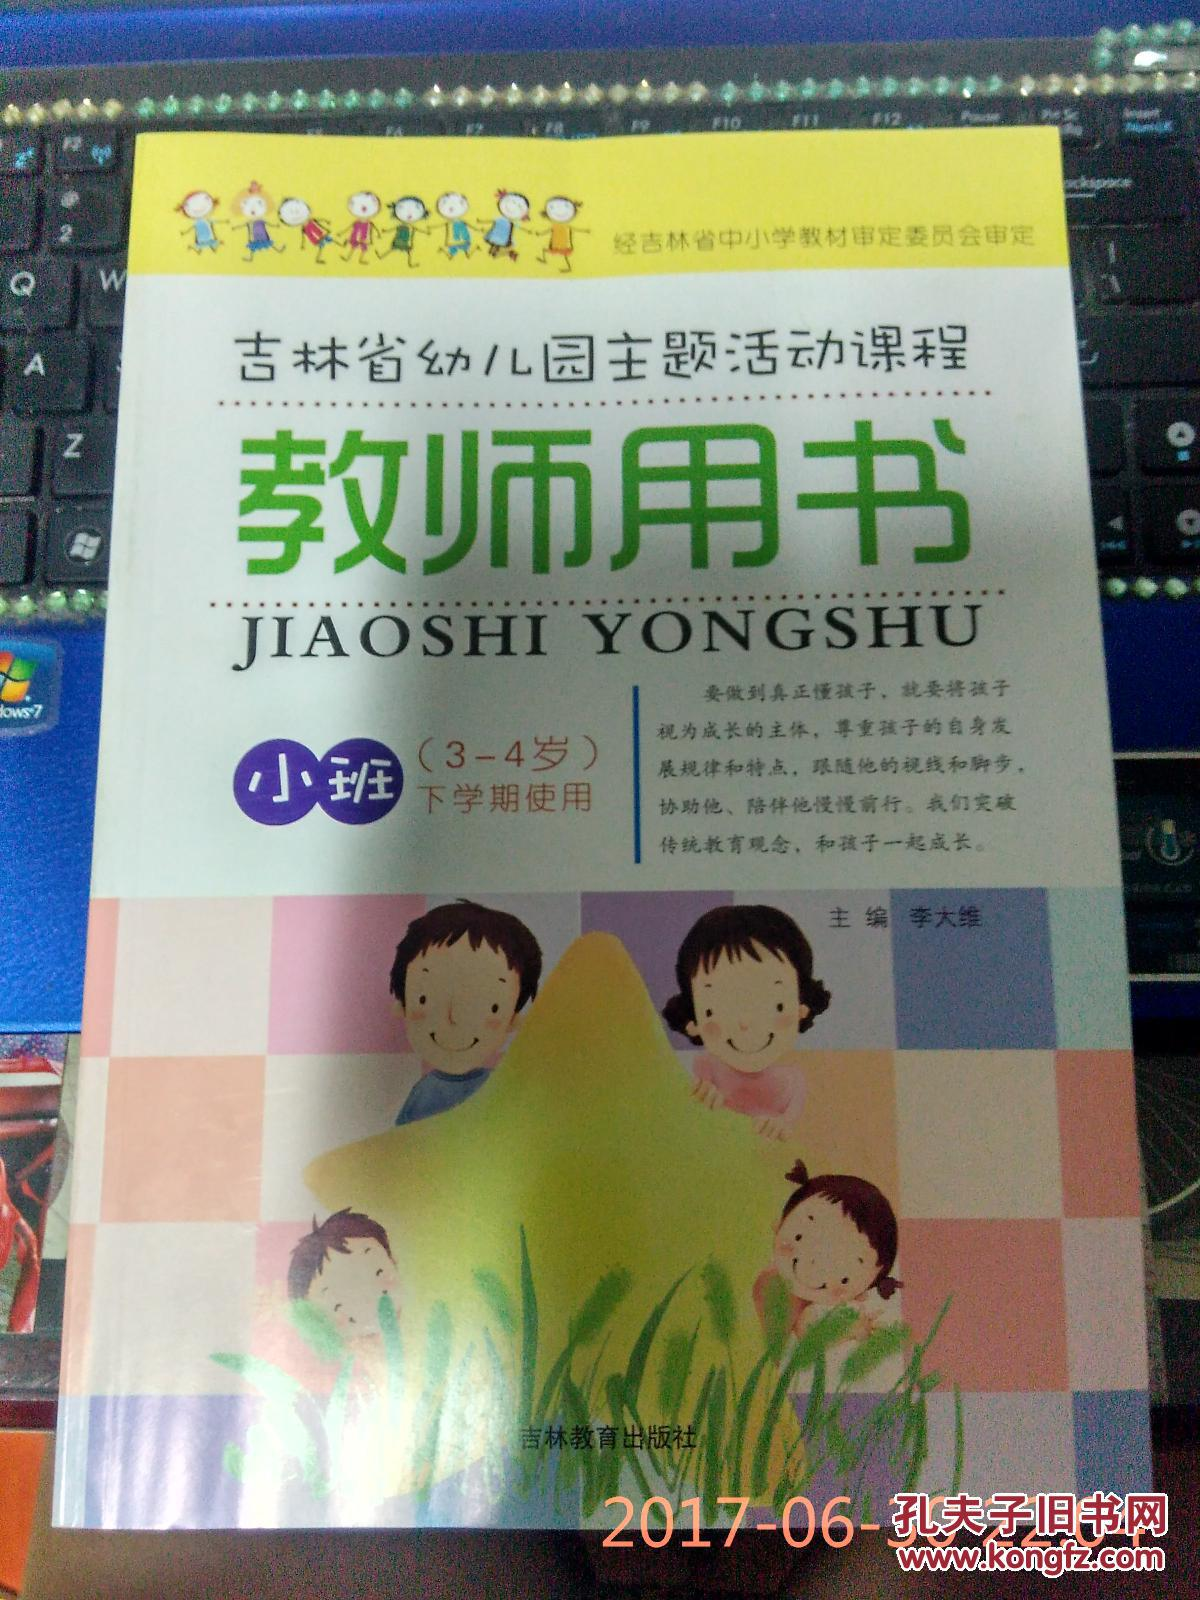 吉林省幼儿园主题活动课程教师用书 小班 (3-4岁)上学期